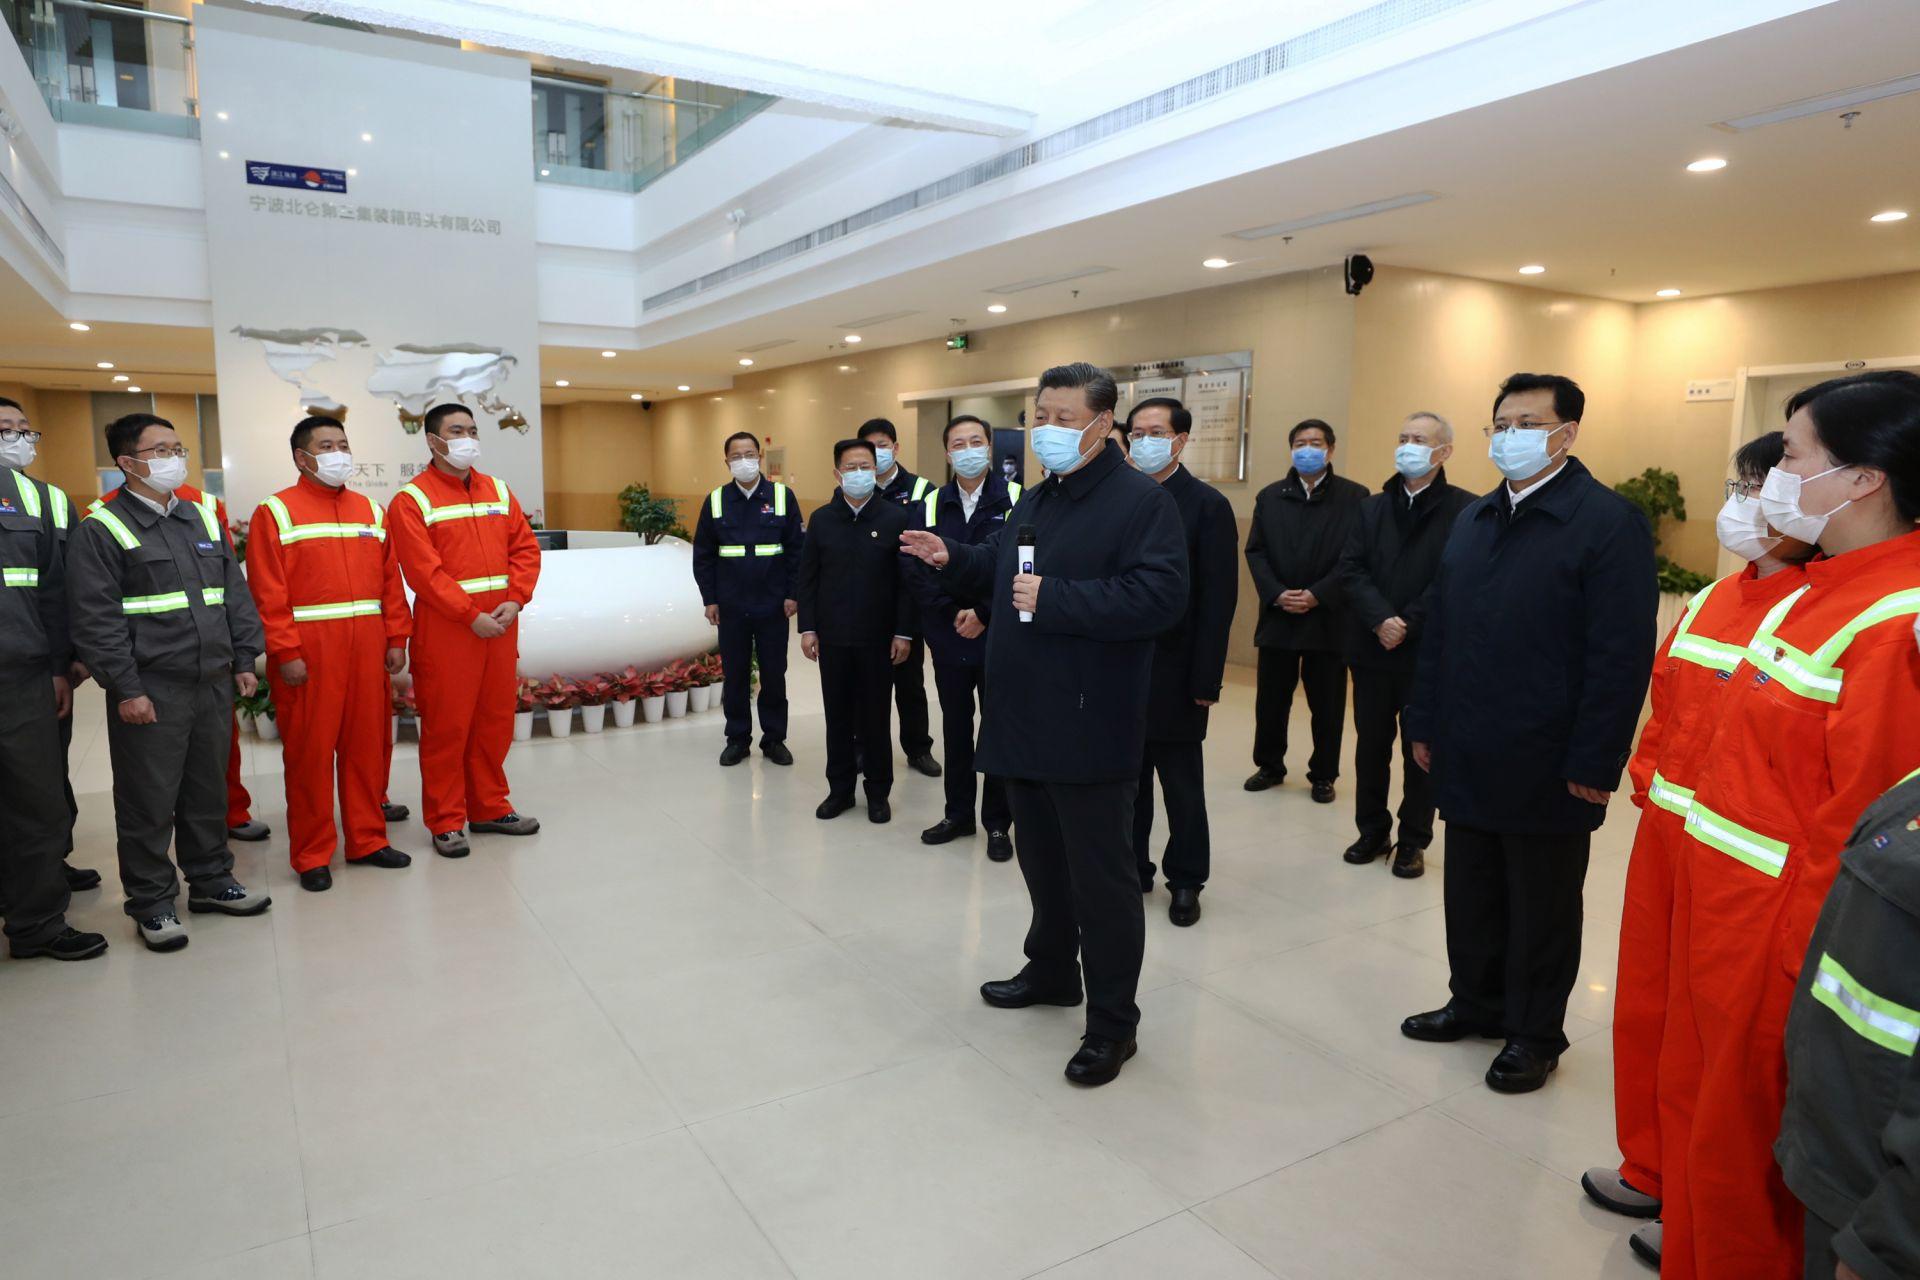 习近平在浙江考察 统筹推进疫情防控和经济社会发展工作